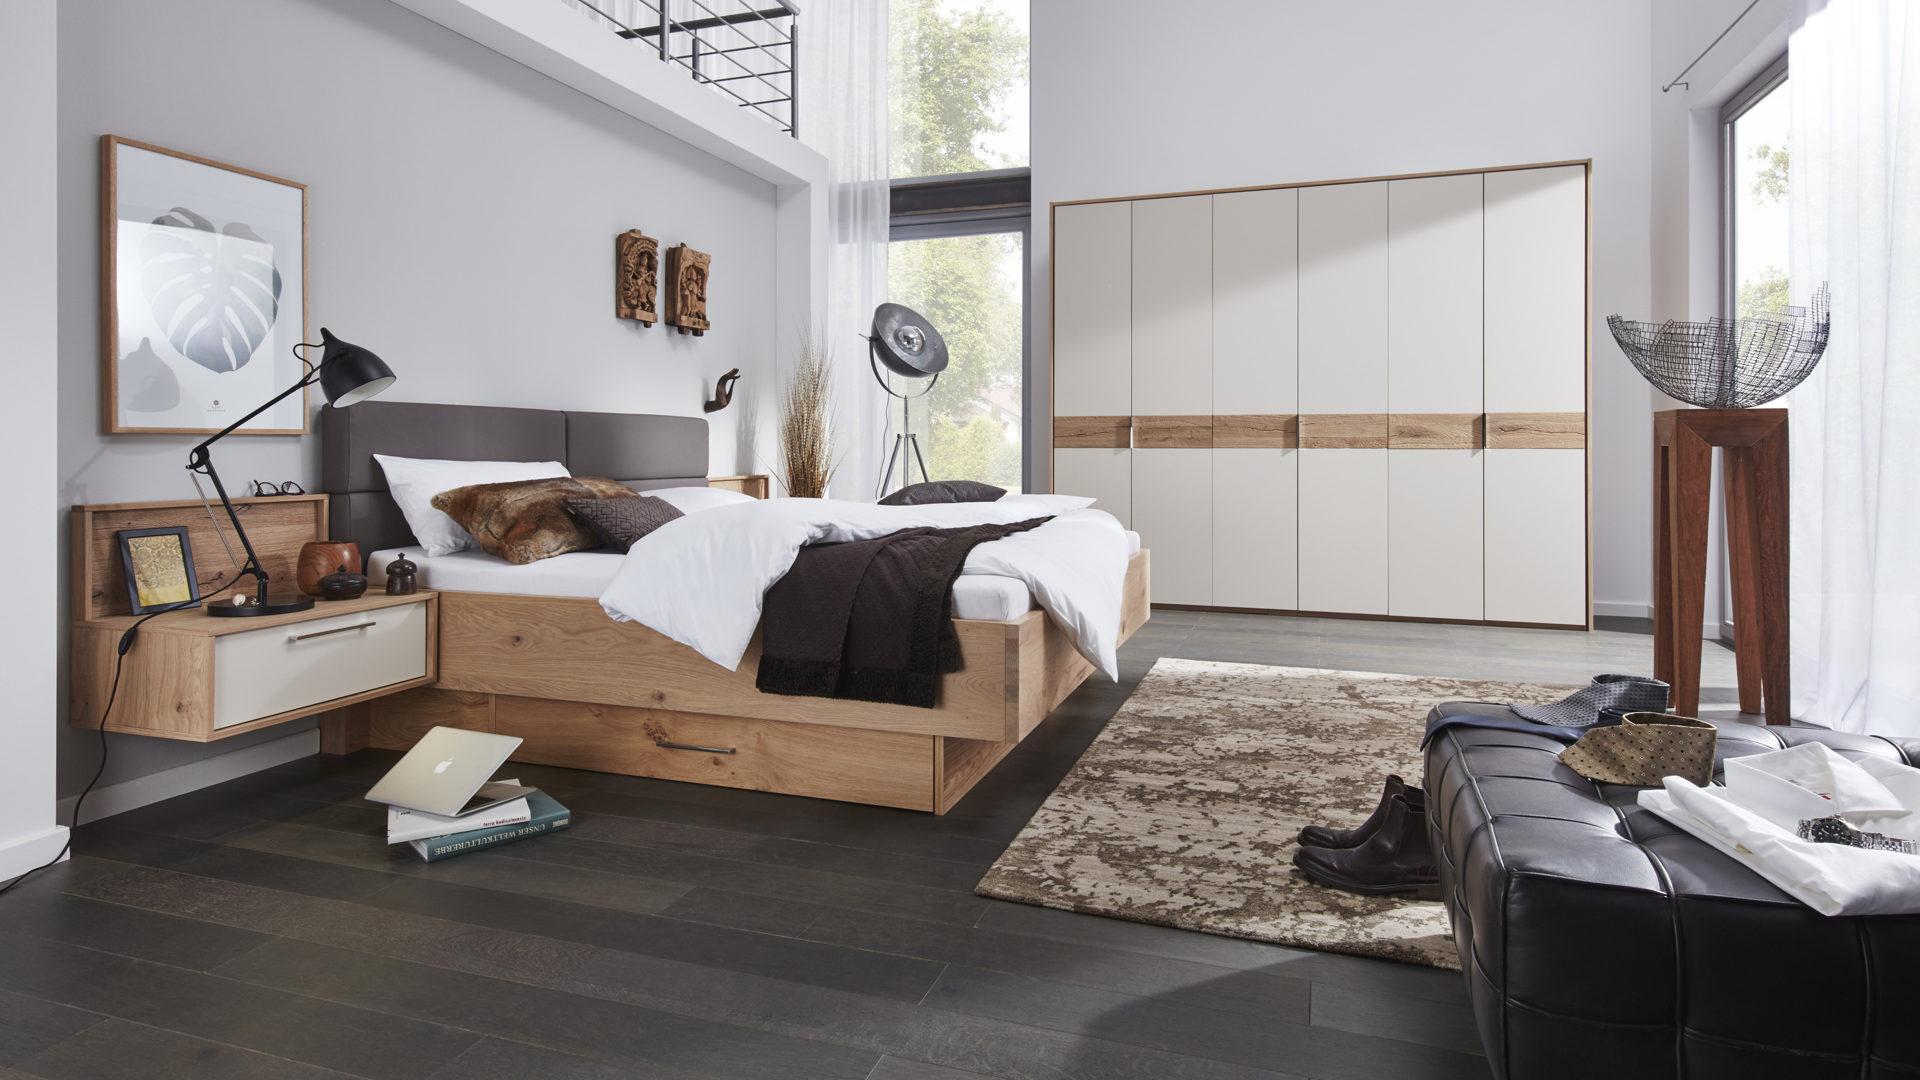 Interliving Schlafzimmer Serie 1002 – Schlafzimmerkombination ...